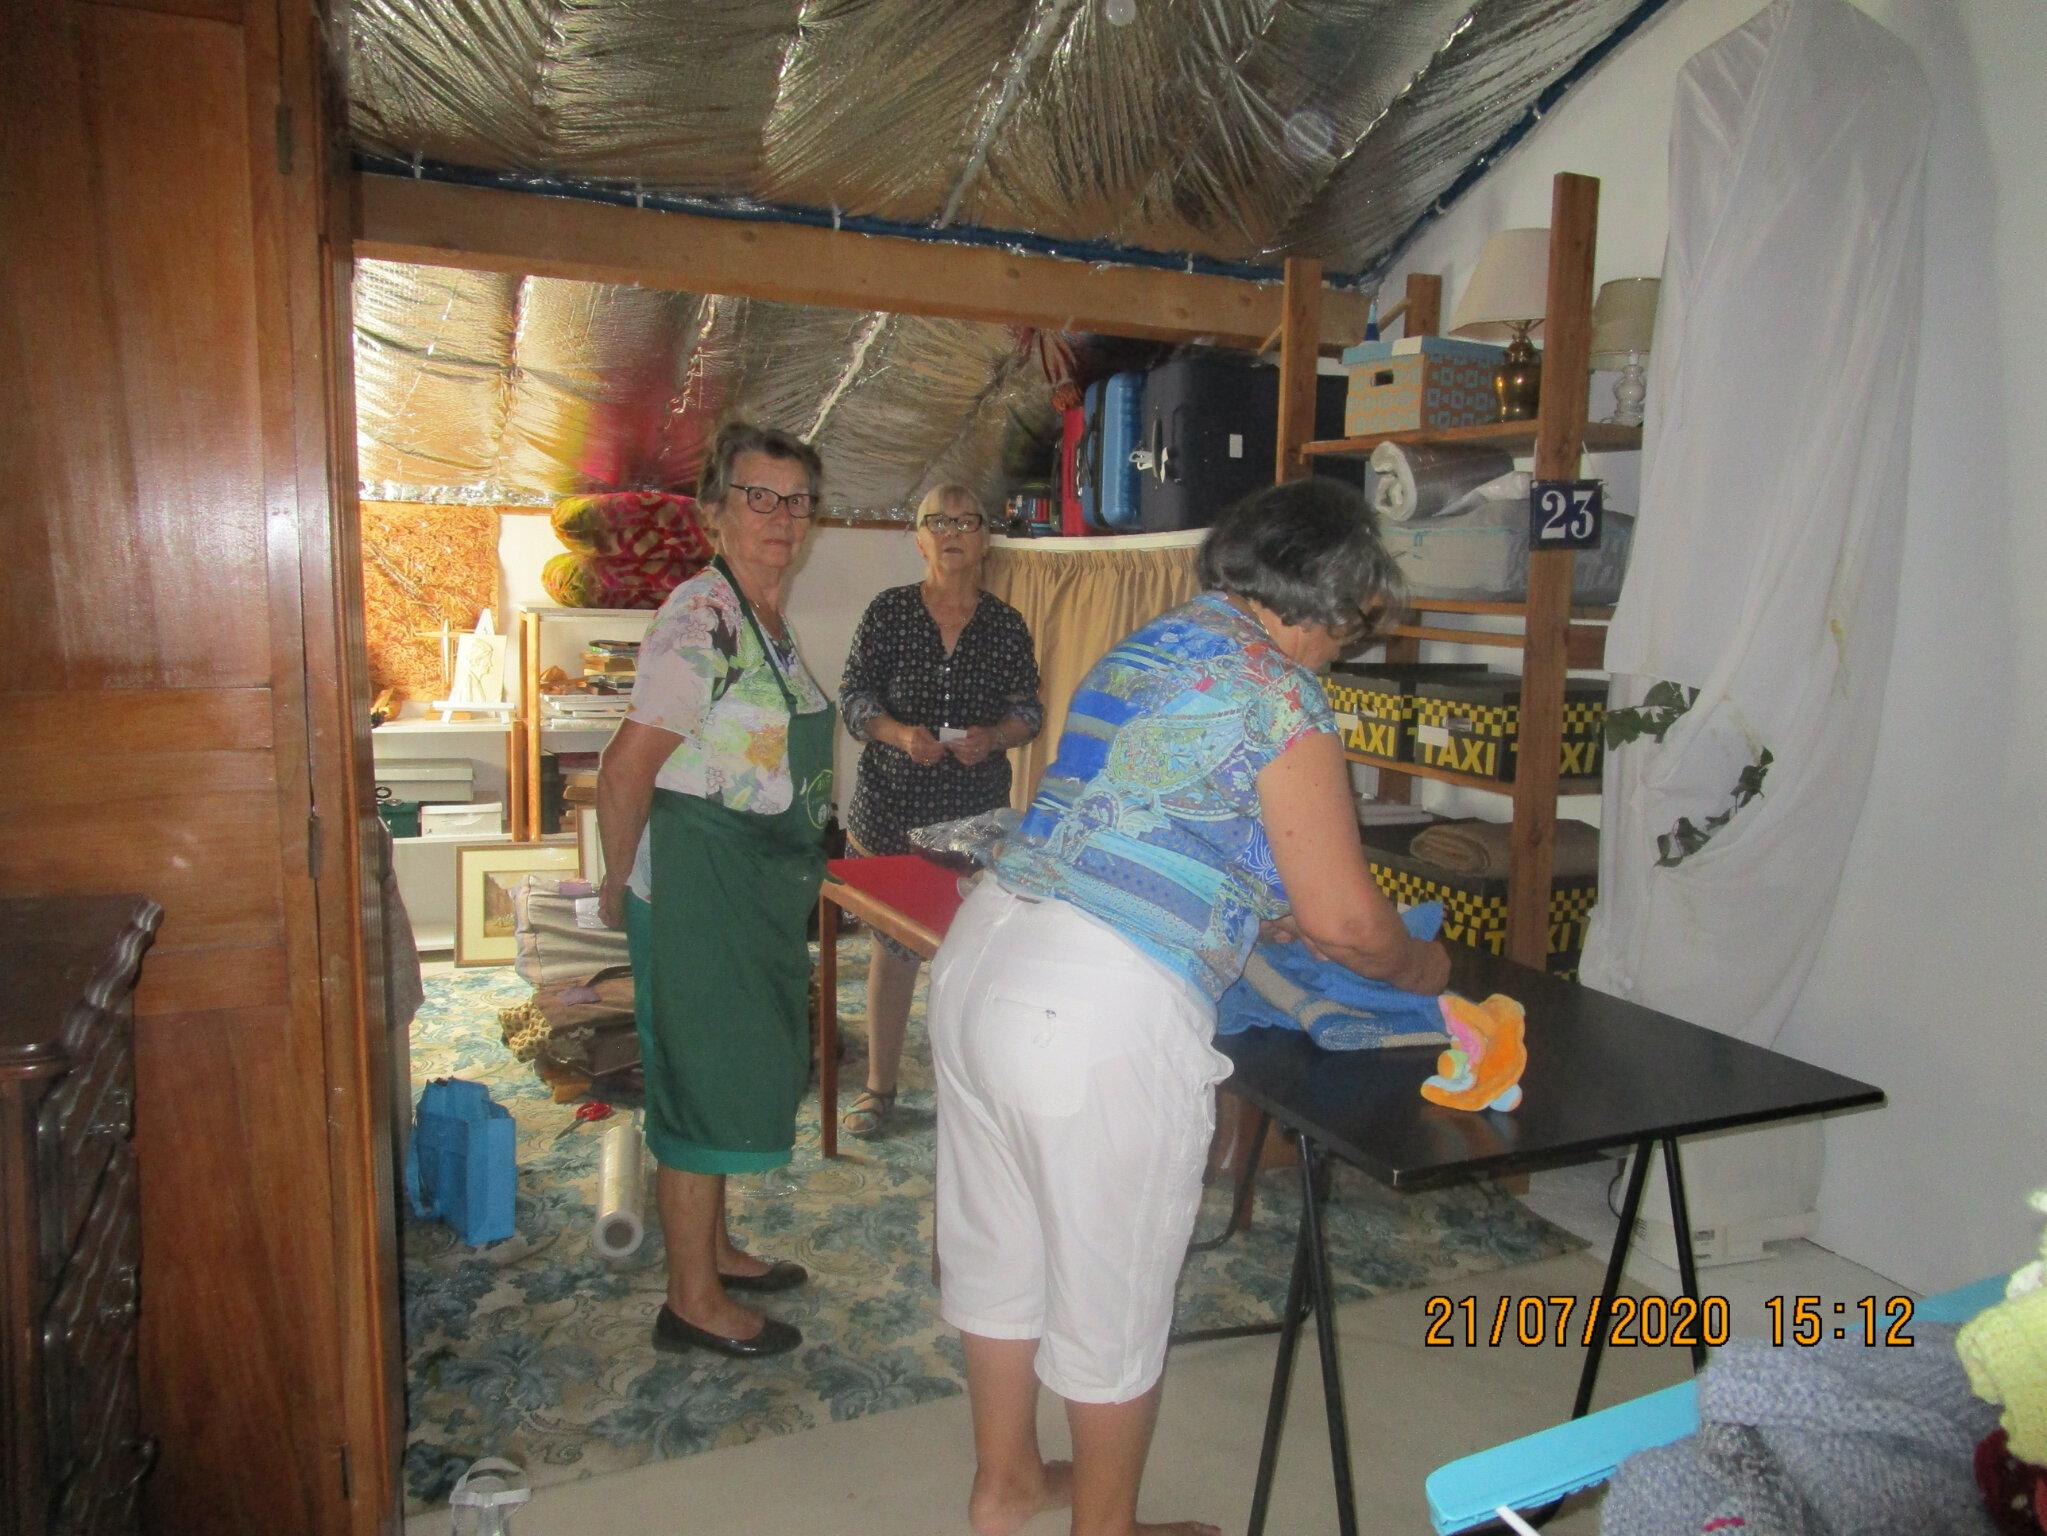 La confection des colis chez Colette